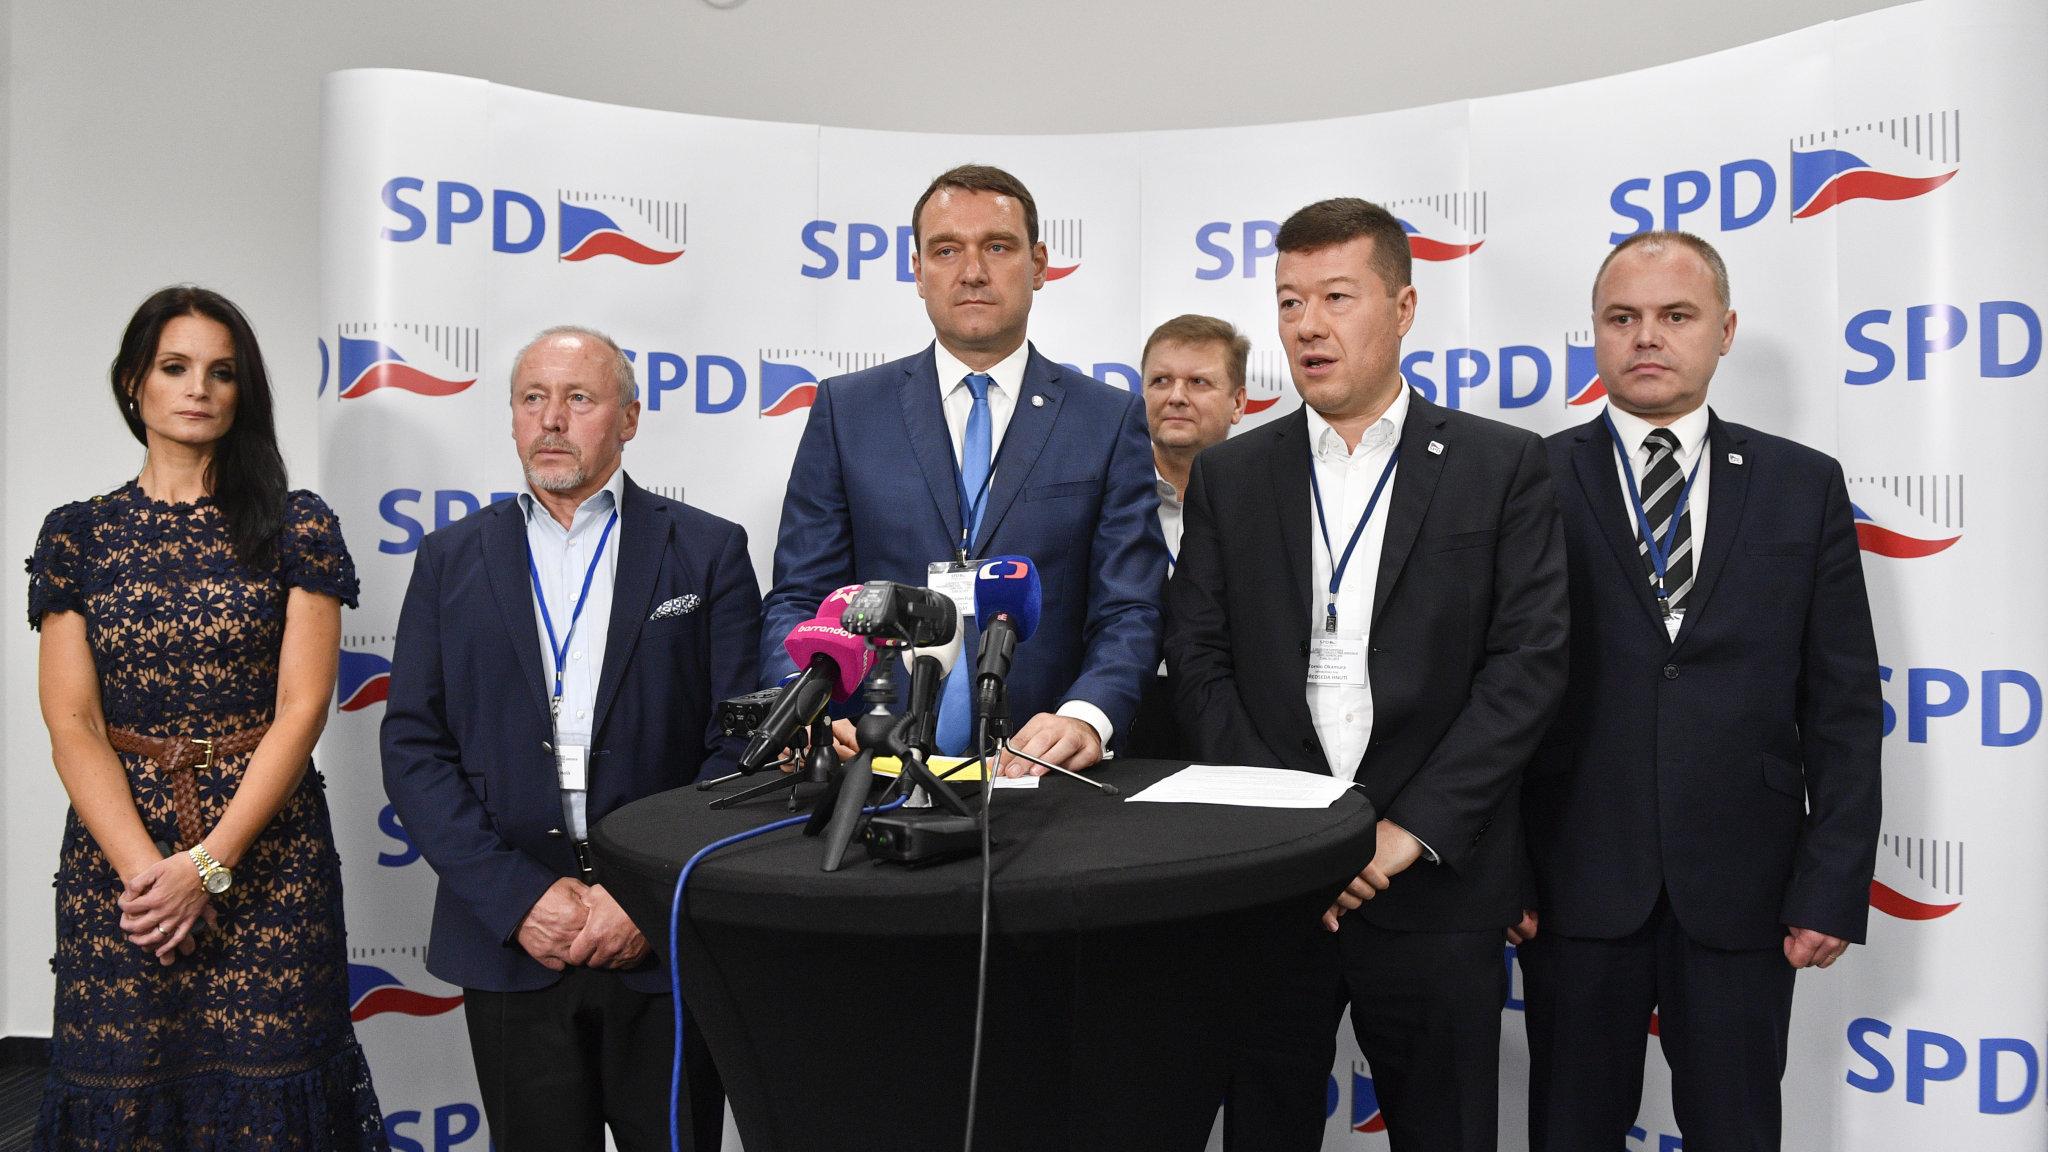 Nově zvolené členové předsednictva hnutí Svoboda a přímá demokracie.